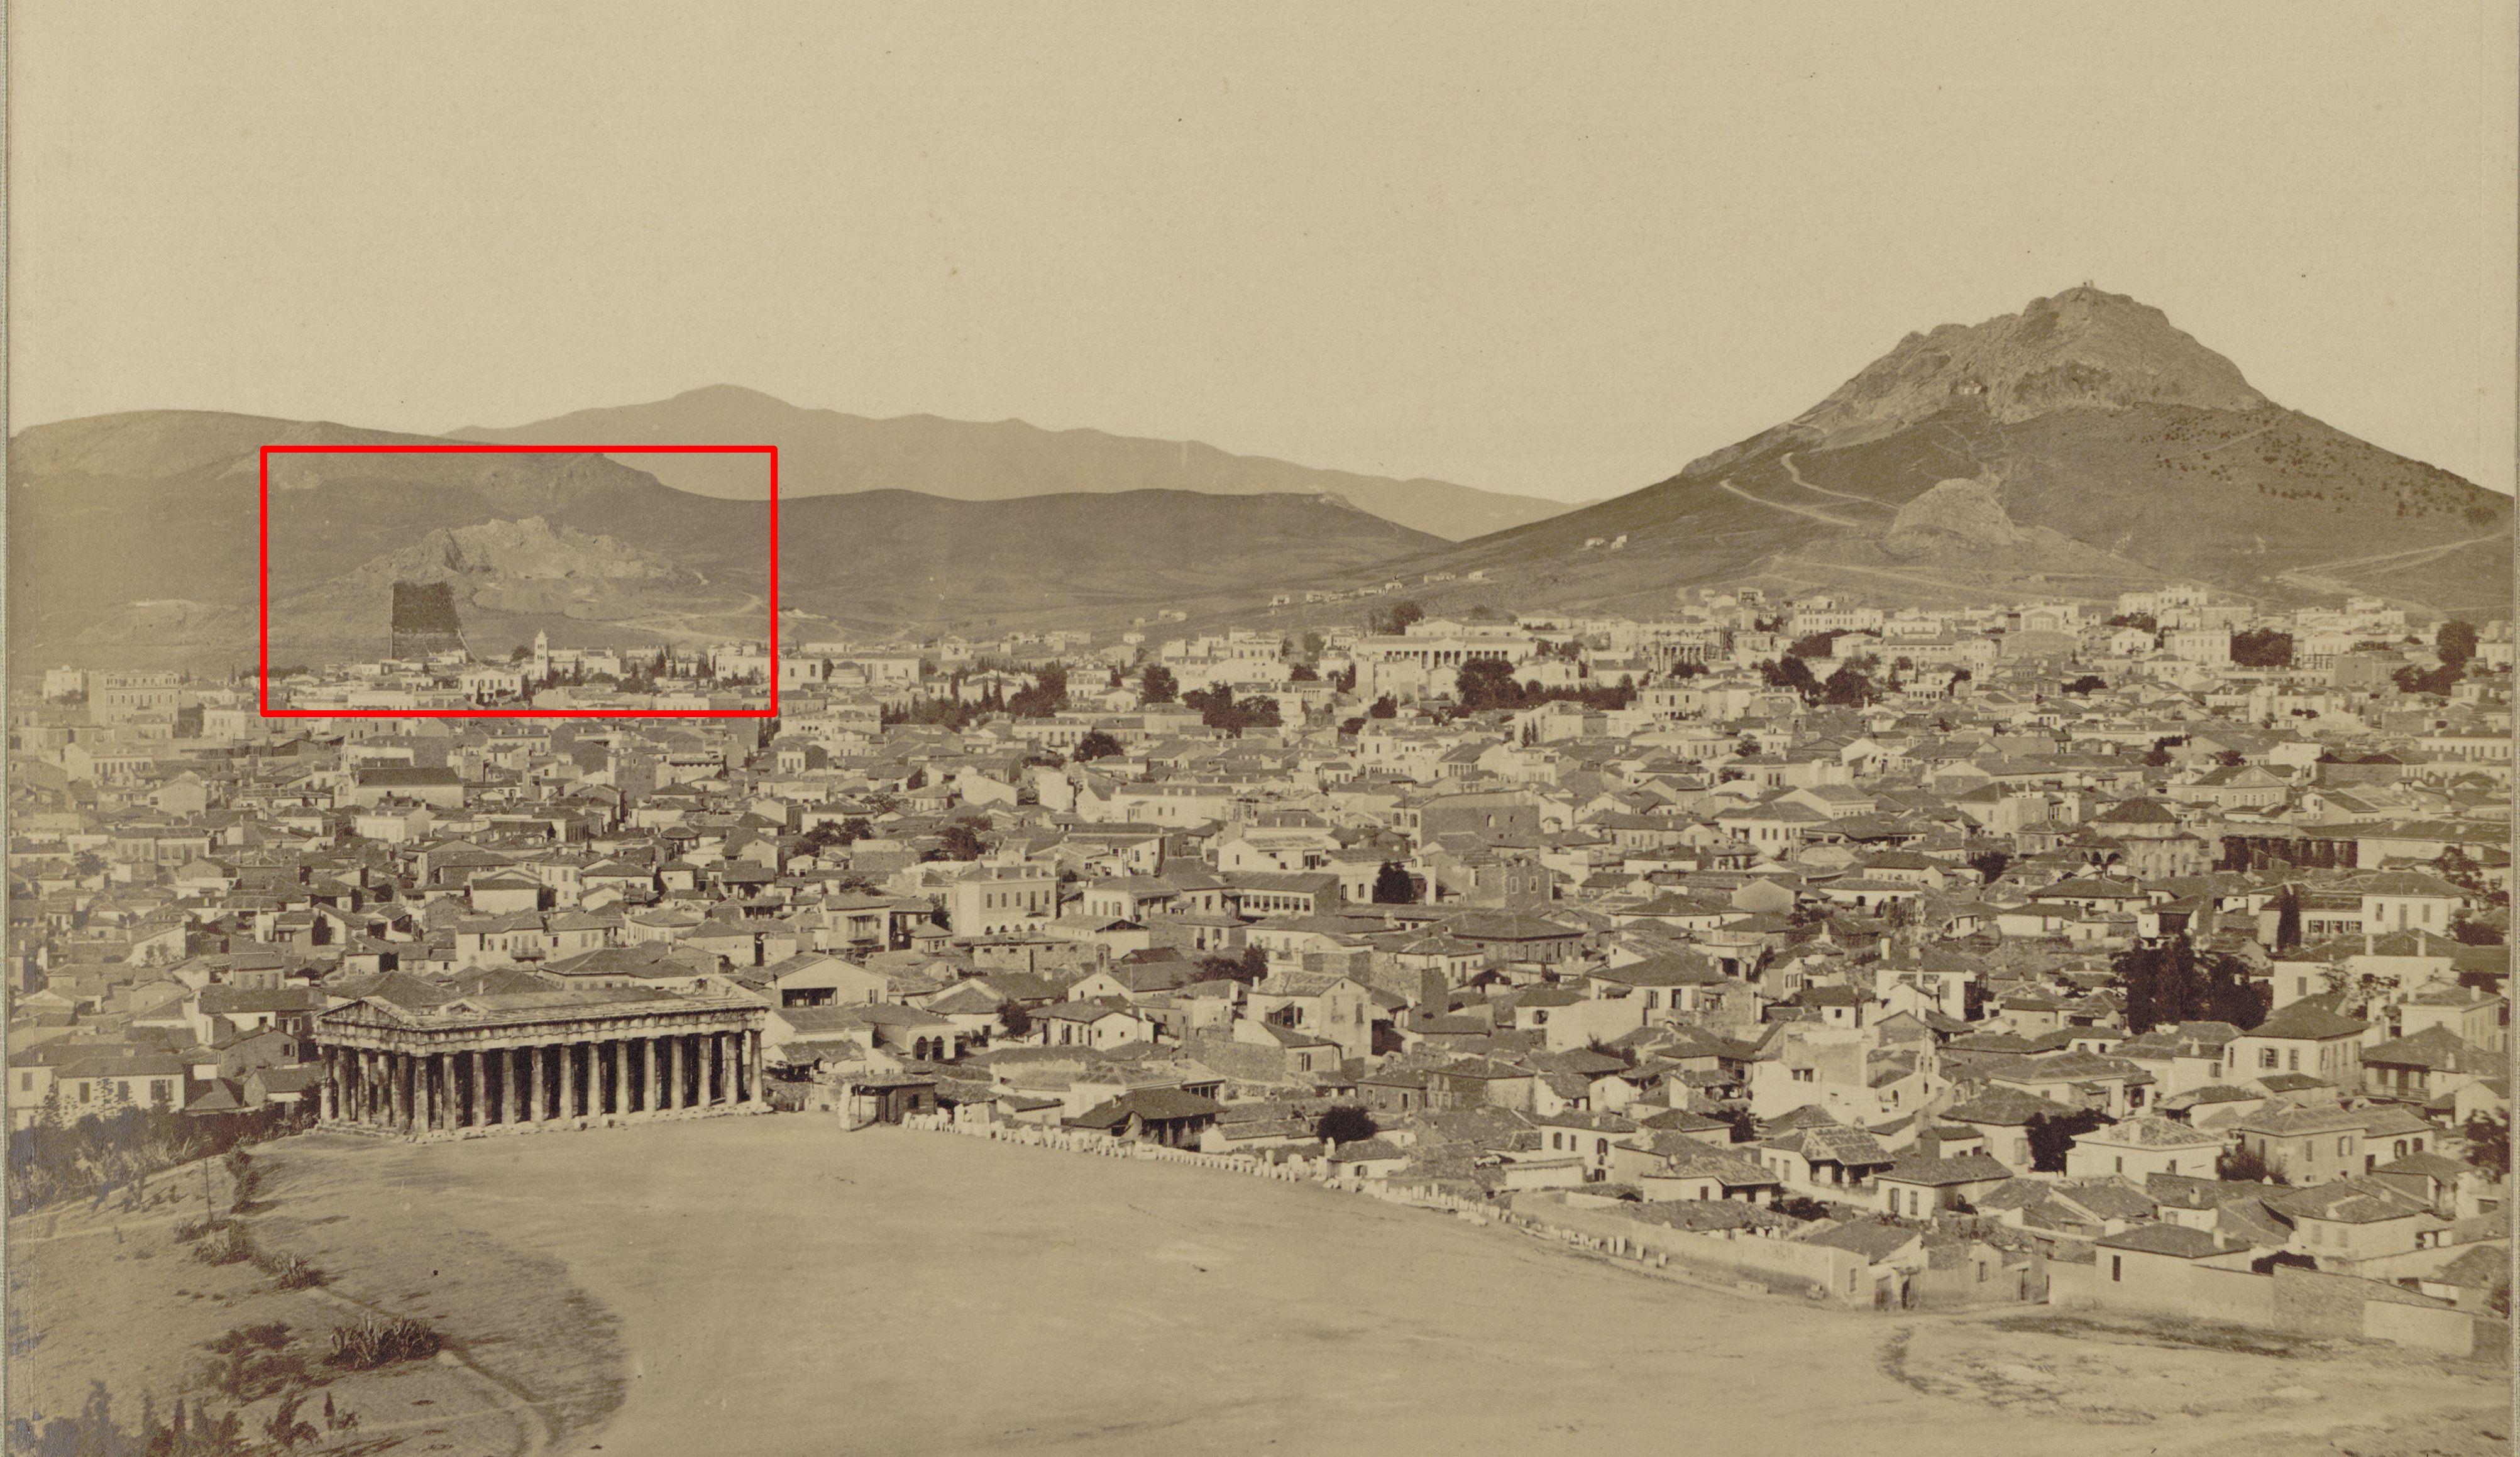 Ο λόφος του Στρέφη στα Εξάρχεια ήταν νταμάρι. Μια σπάνια φωτογραφική αποτύπωση. Πως τον πρασίνισε η κρεβατομουρμούρα της κυρίας Στρέφη (βίντεο)